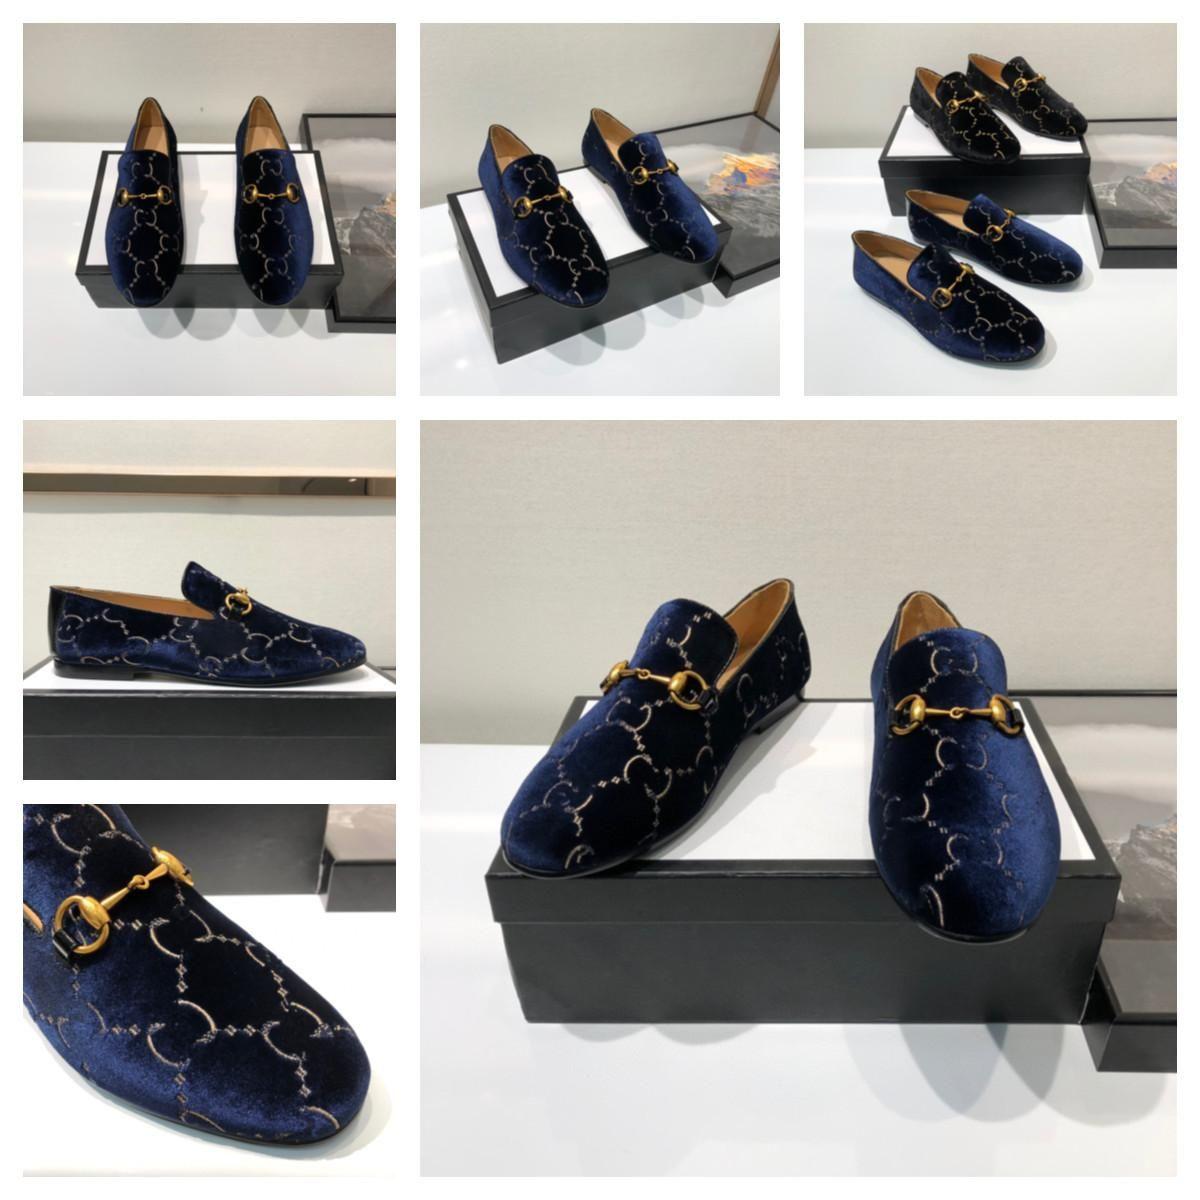 SP Spring Мужчины Кожаные Обувь Мода Мужские Квартиры Круглый Носок Роскошные Мужские Бизнес Официальные Обувь Удобные Офисы Дизайнеры Платье Обувь 11